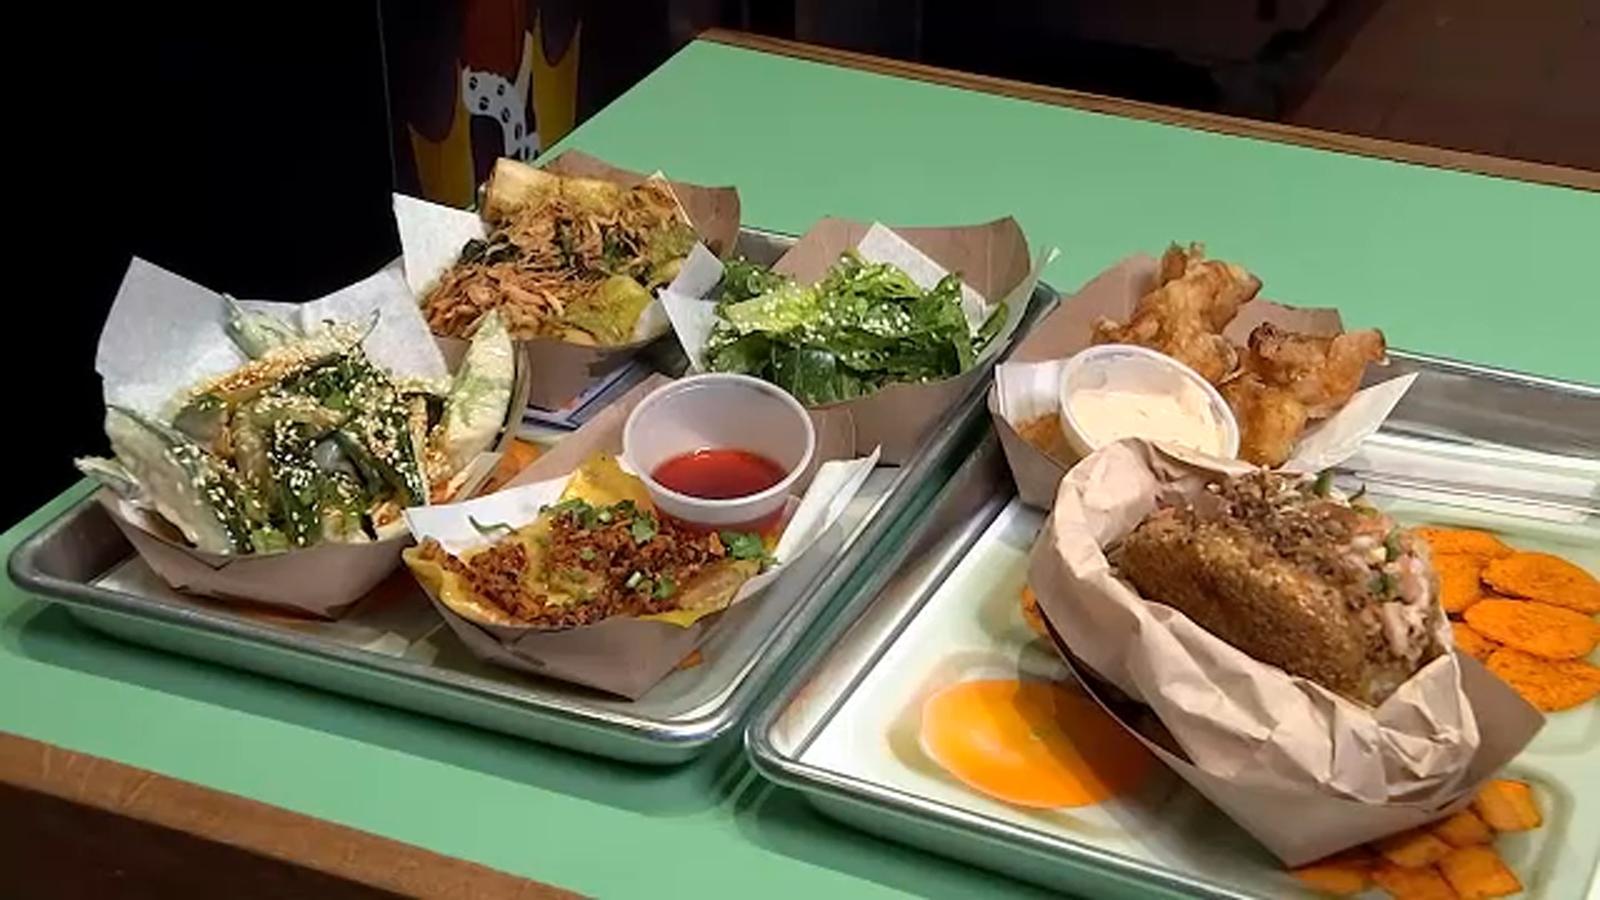 abc7ny.com: Neighborhood Eats: Fat Choy offers